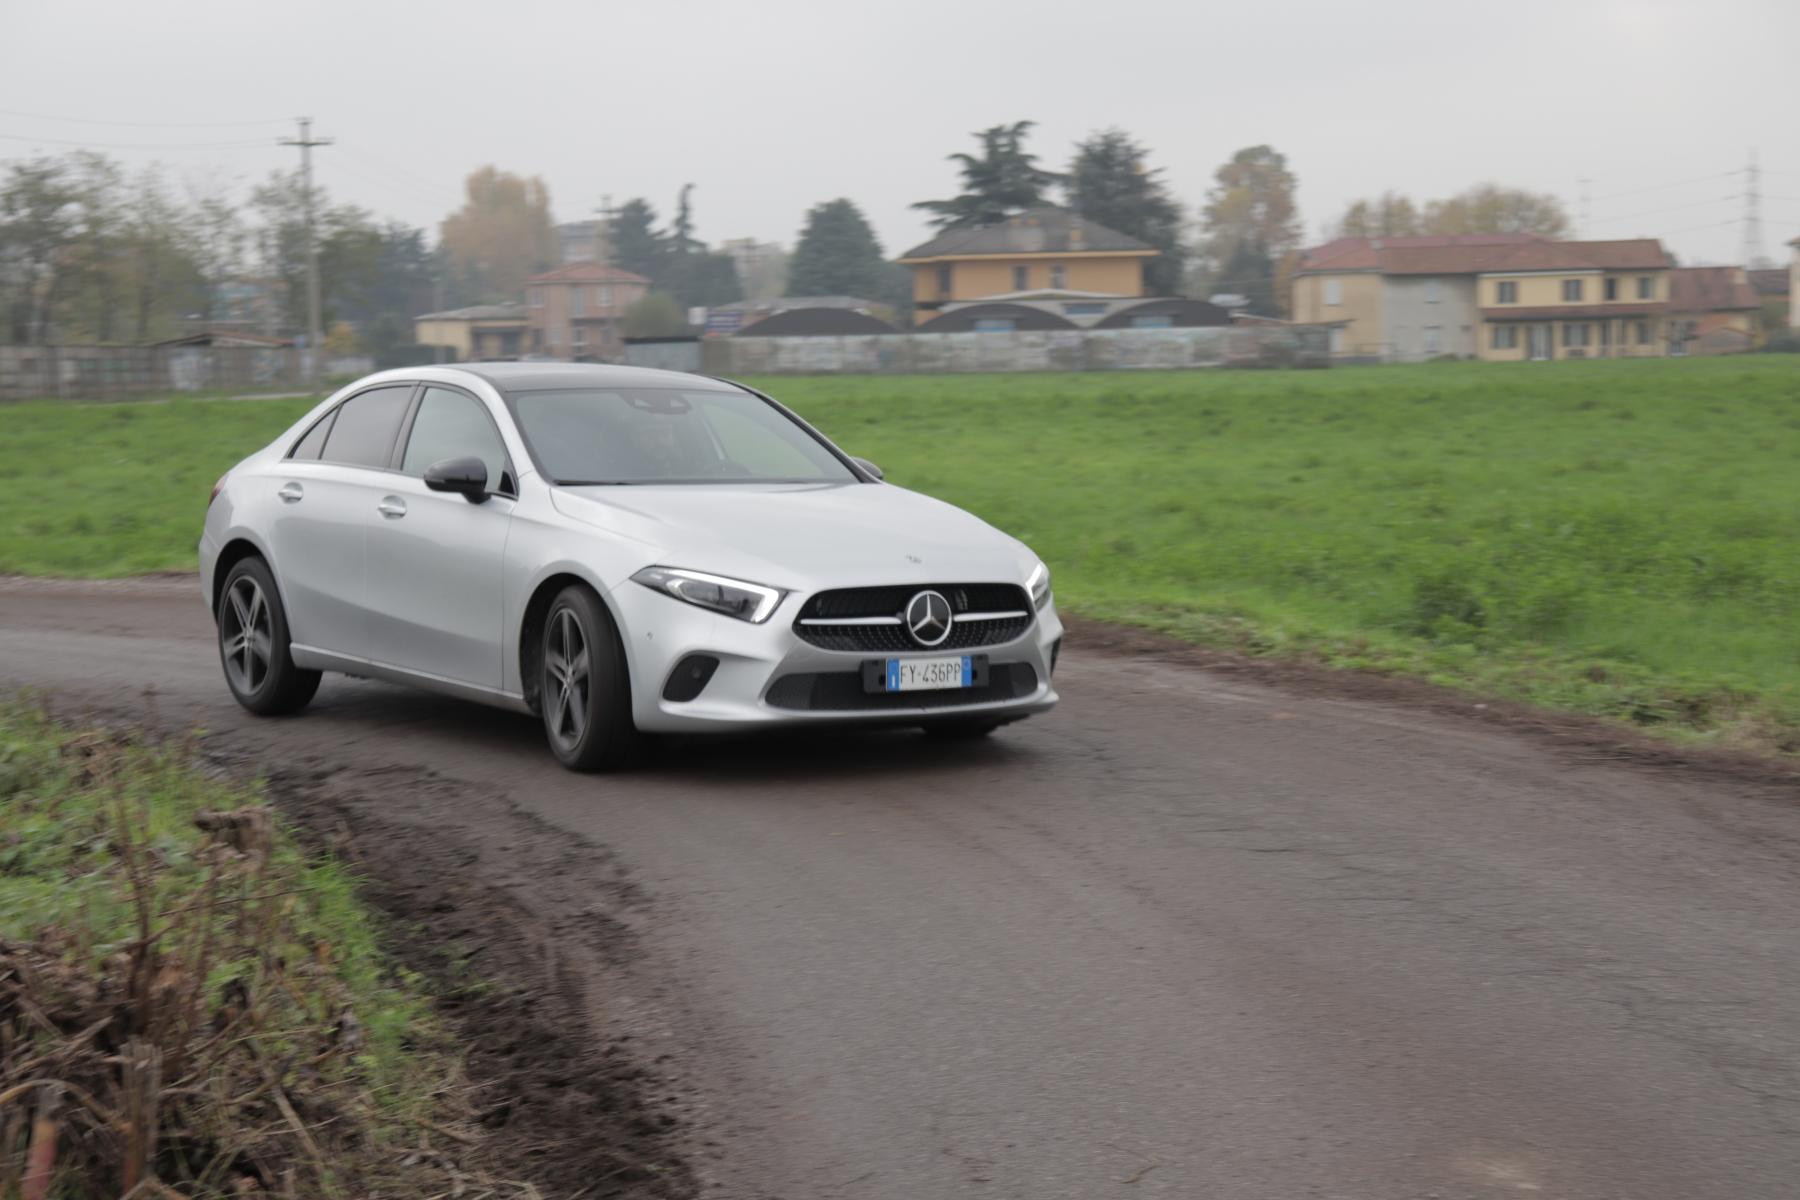 Mercedes Classe A 180 d Sedan 2019 - Prova su strada